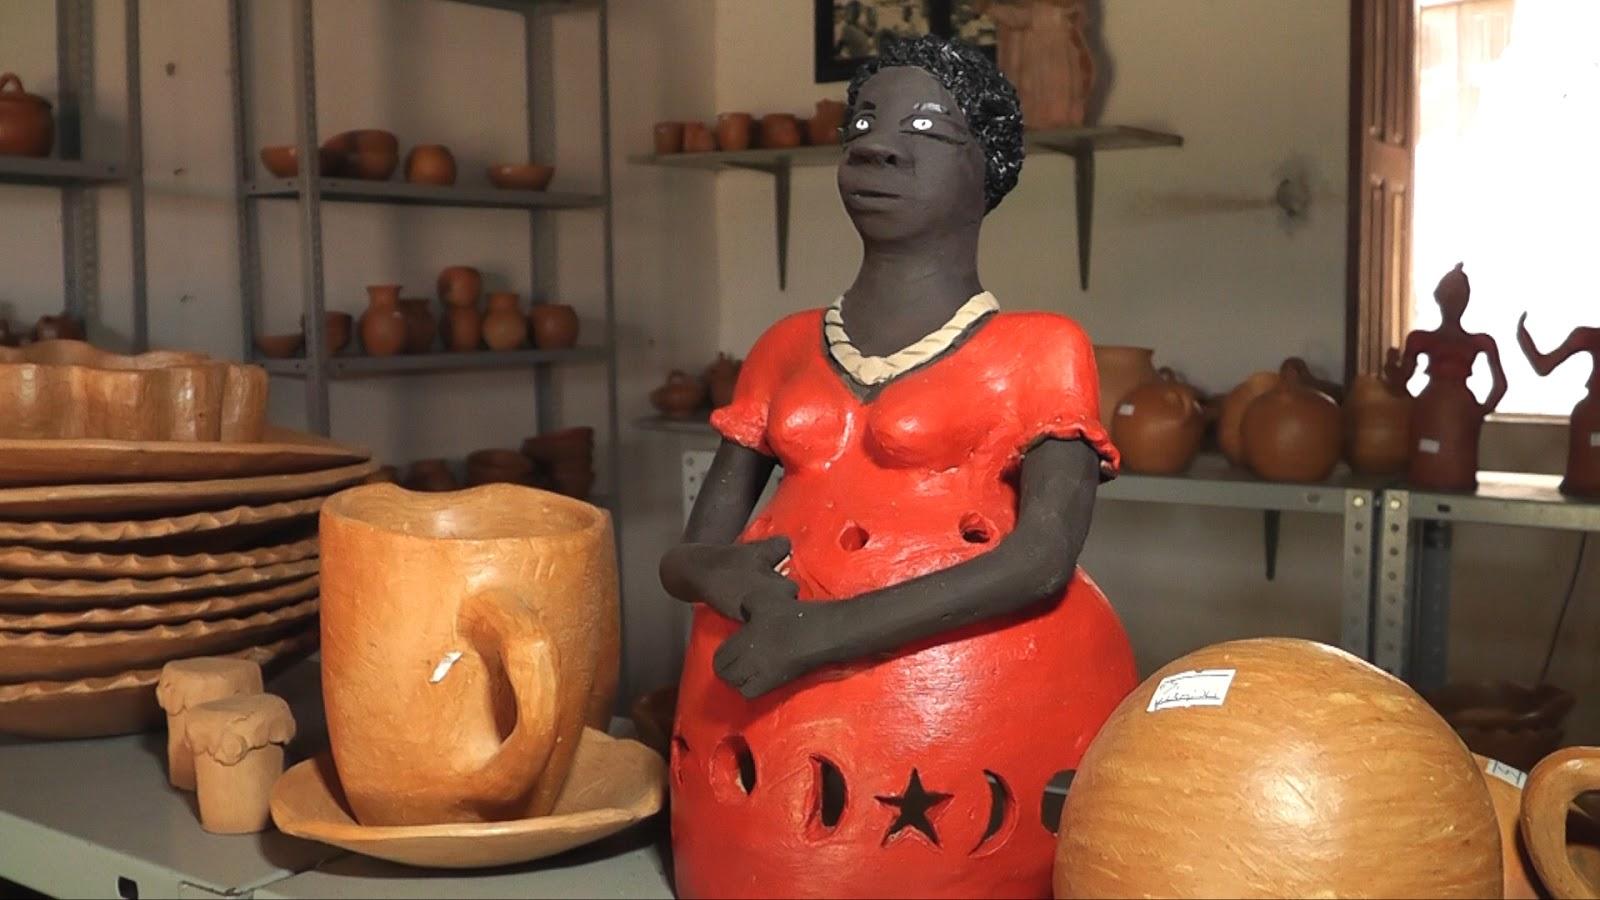 Adesivo Infantil De Parede ~ BLOG DO PAULINHO CASTRO  Itamatatiua comunidade quilombola que sobrevive do artesanato de